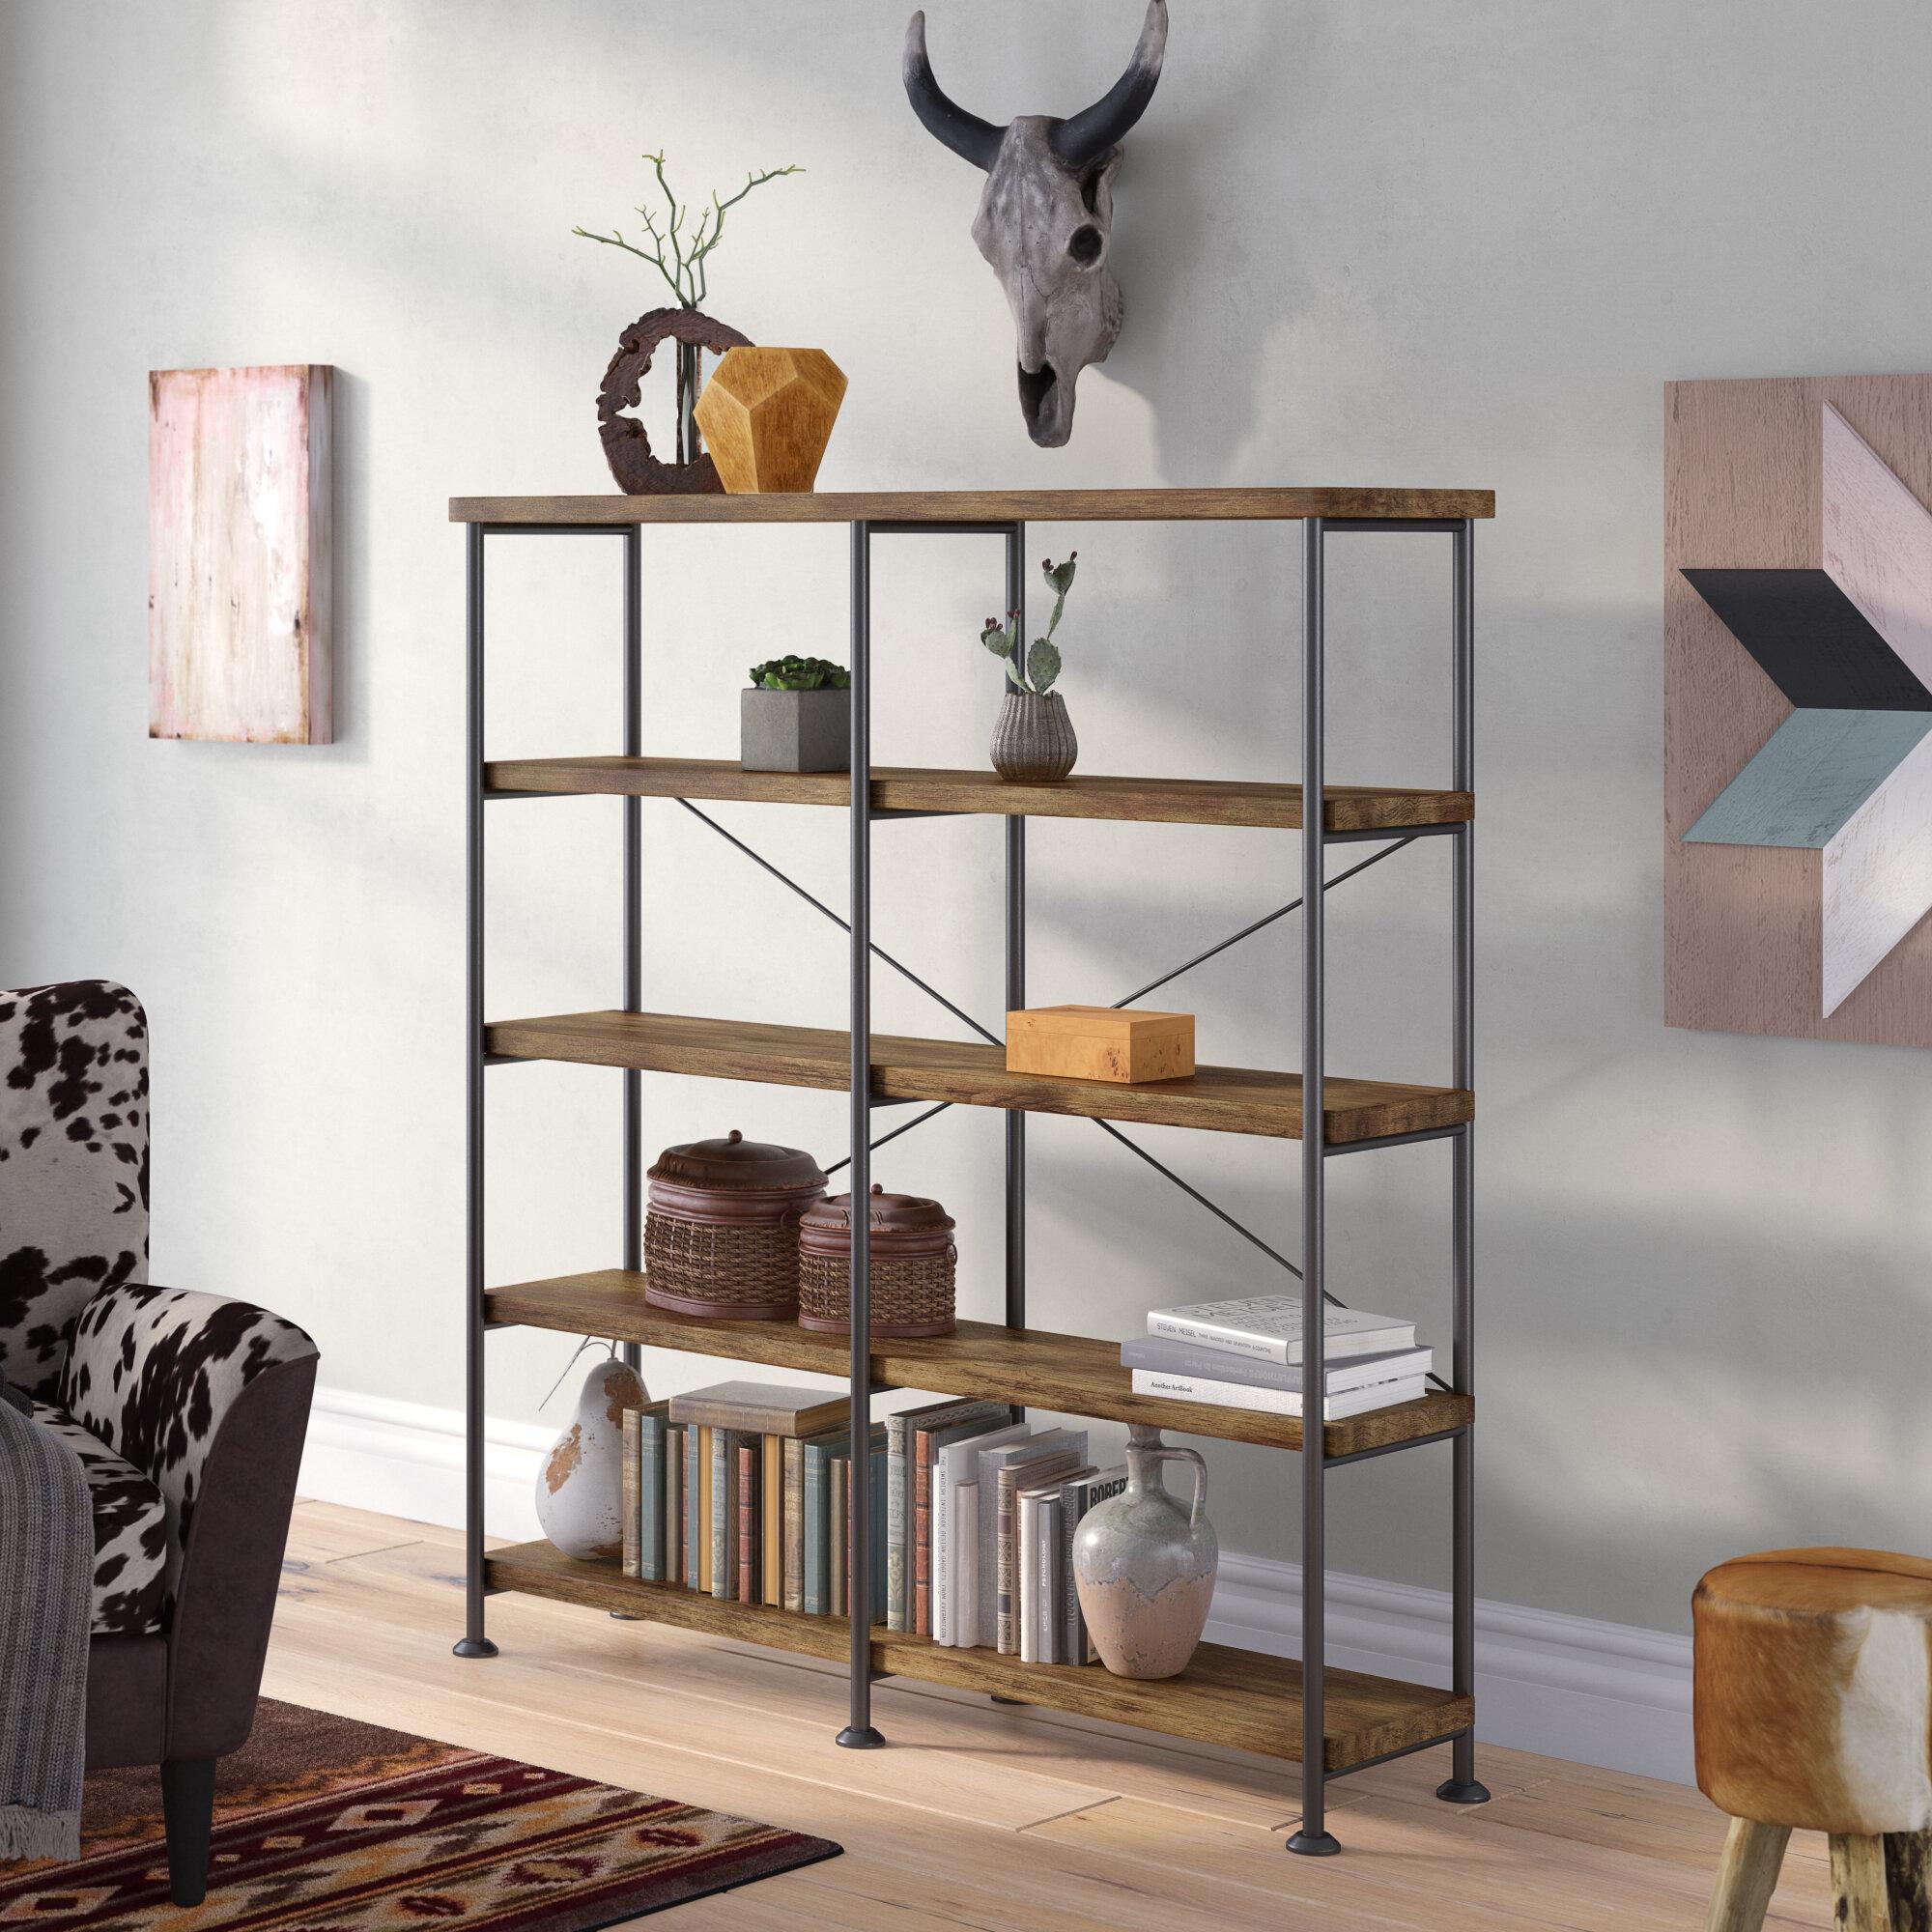 Etagere Brayden Studio Bookcases You Ll Love In 2021 Wayfair